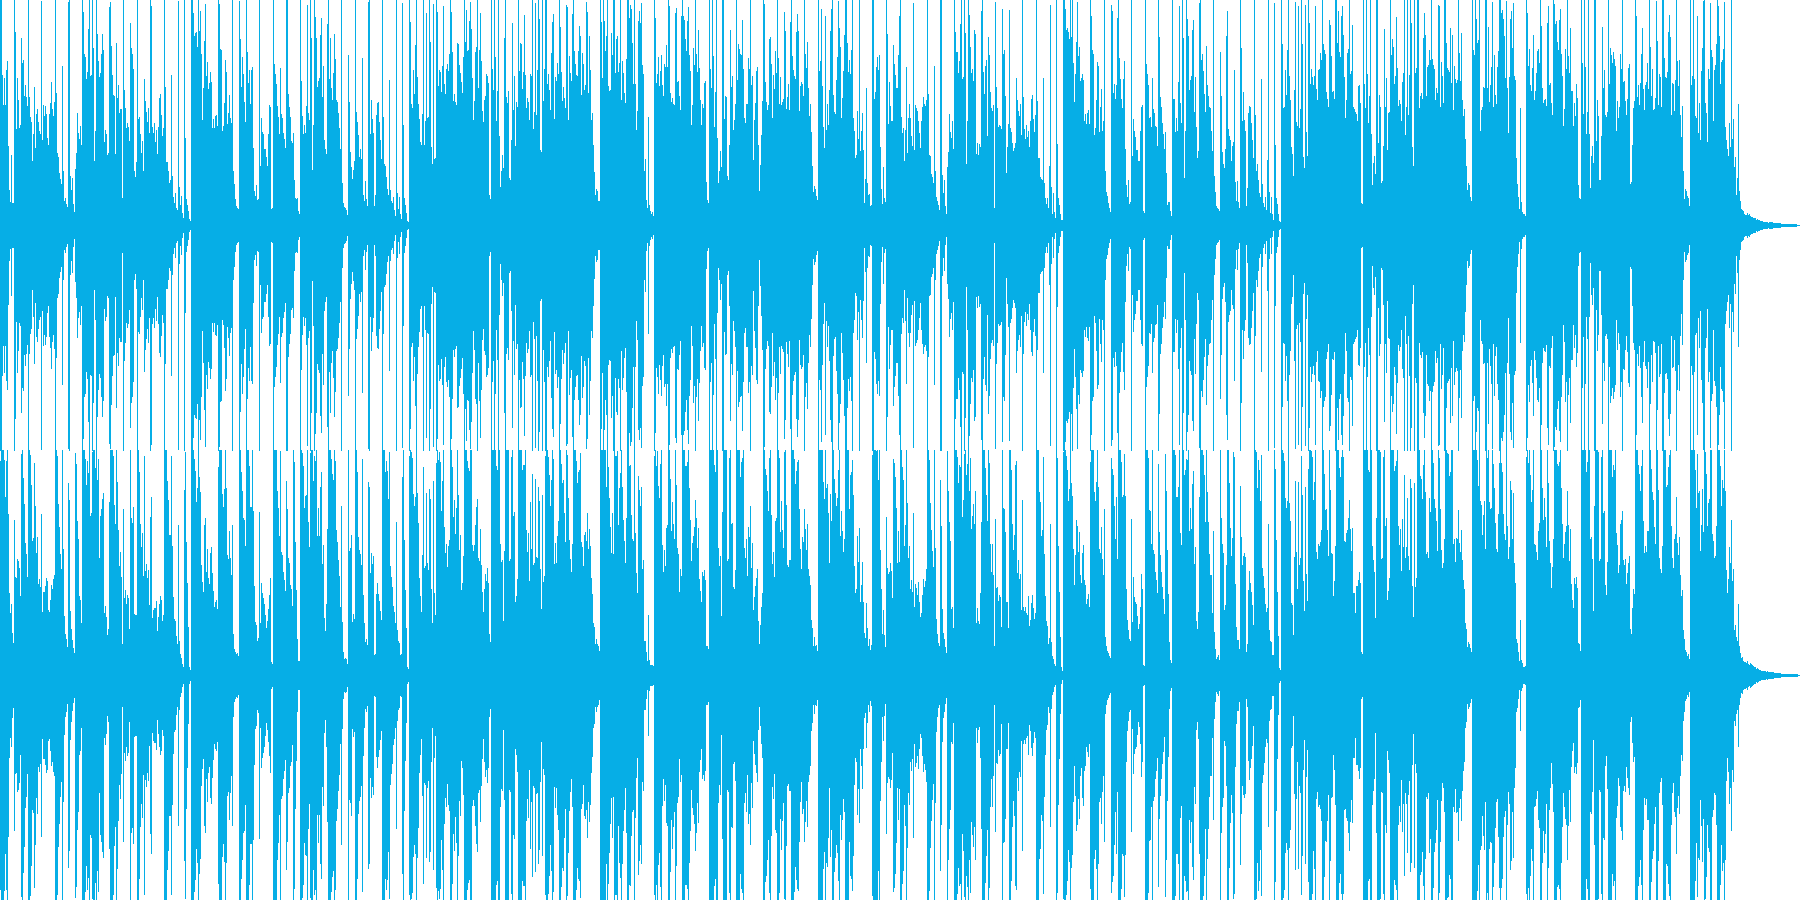 ほのぼのした民族音楽風のBGMの再生済みの波形